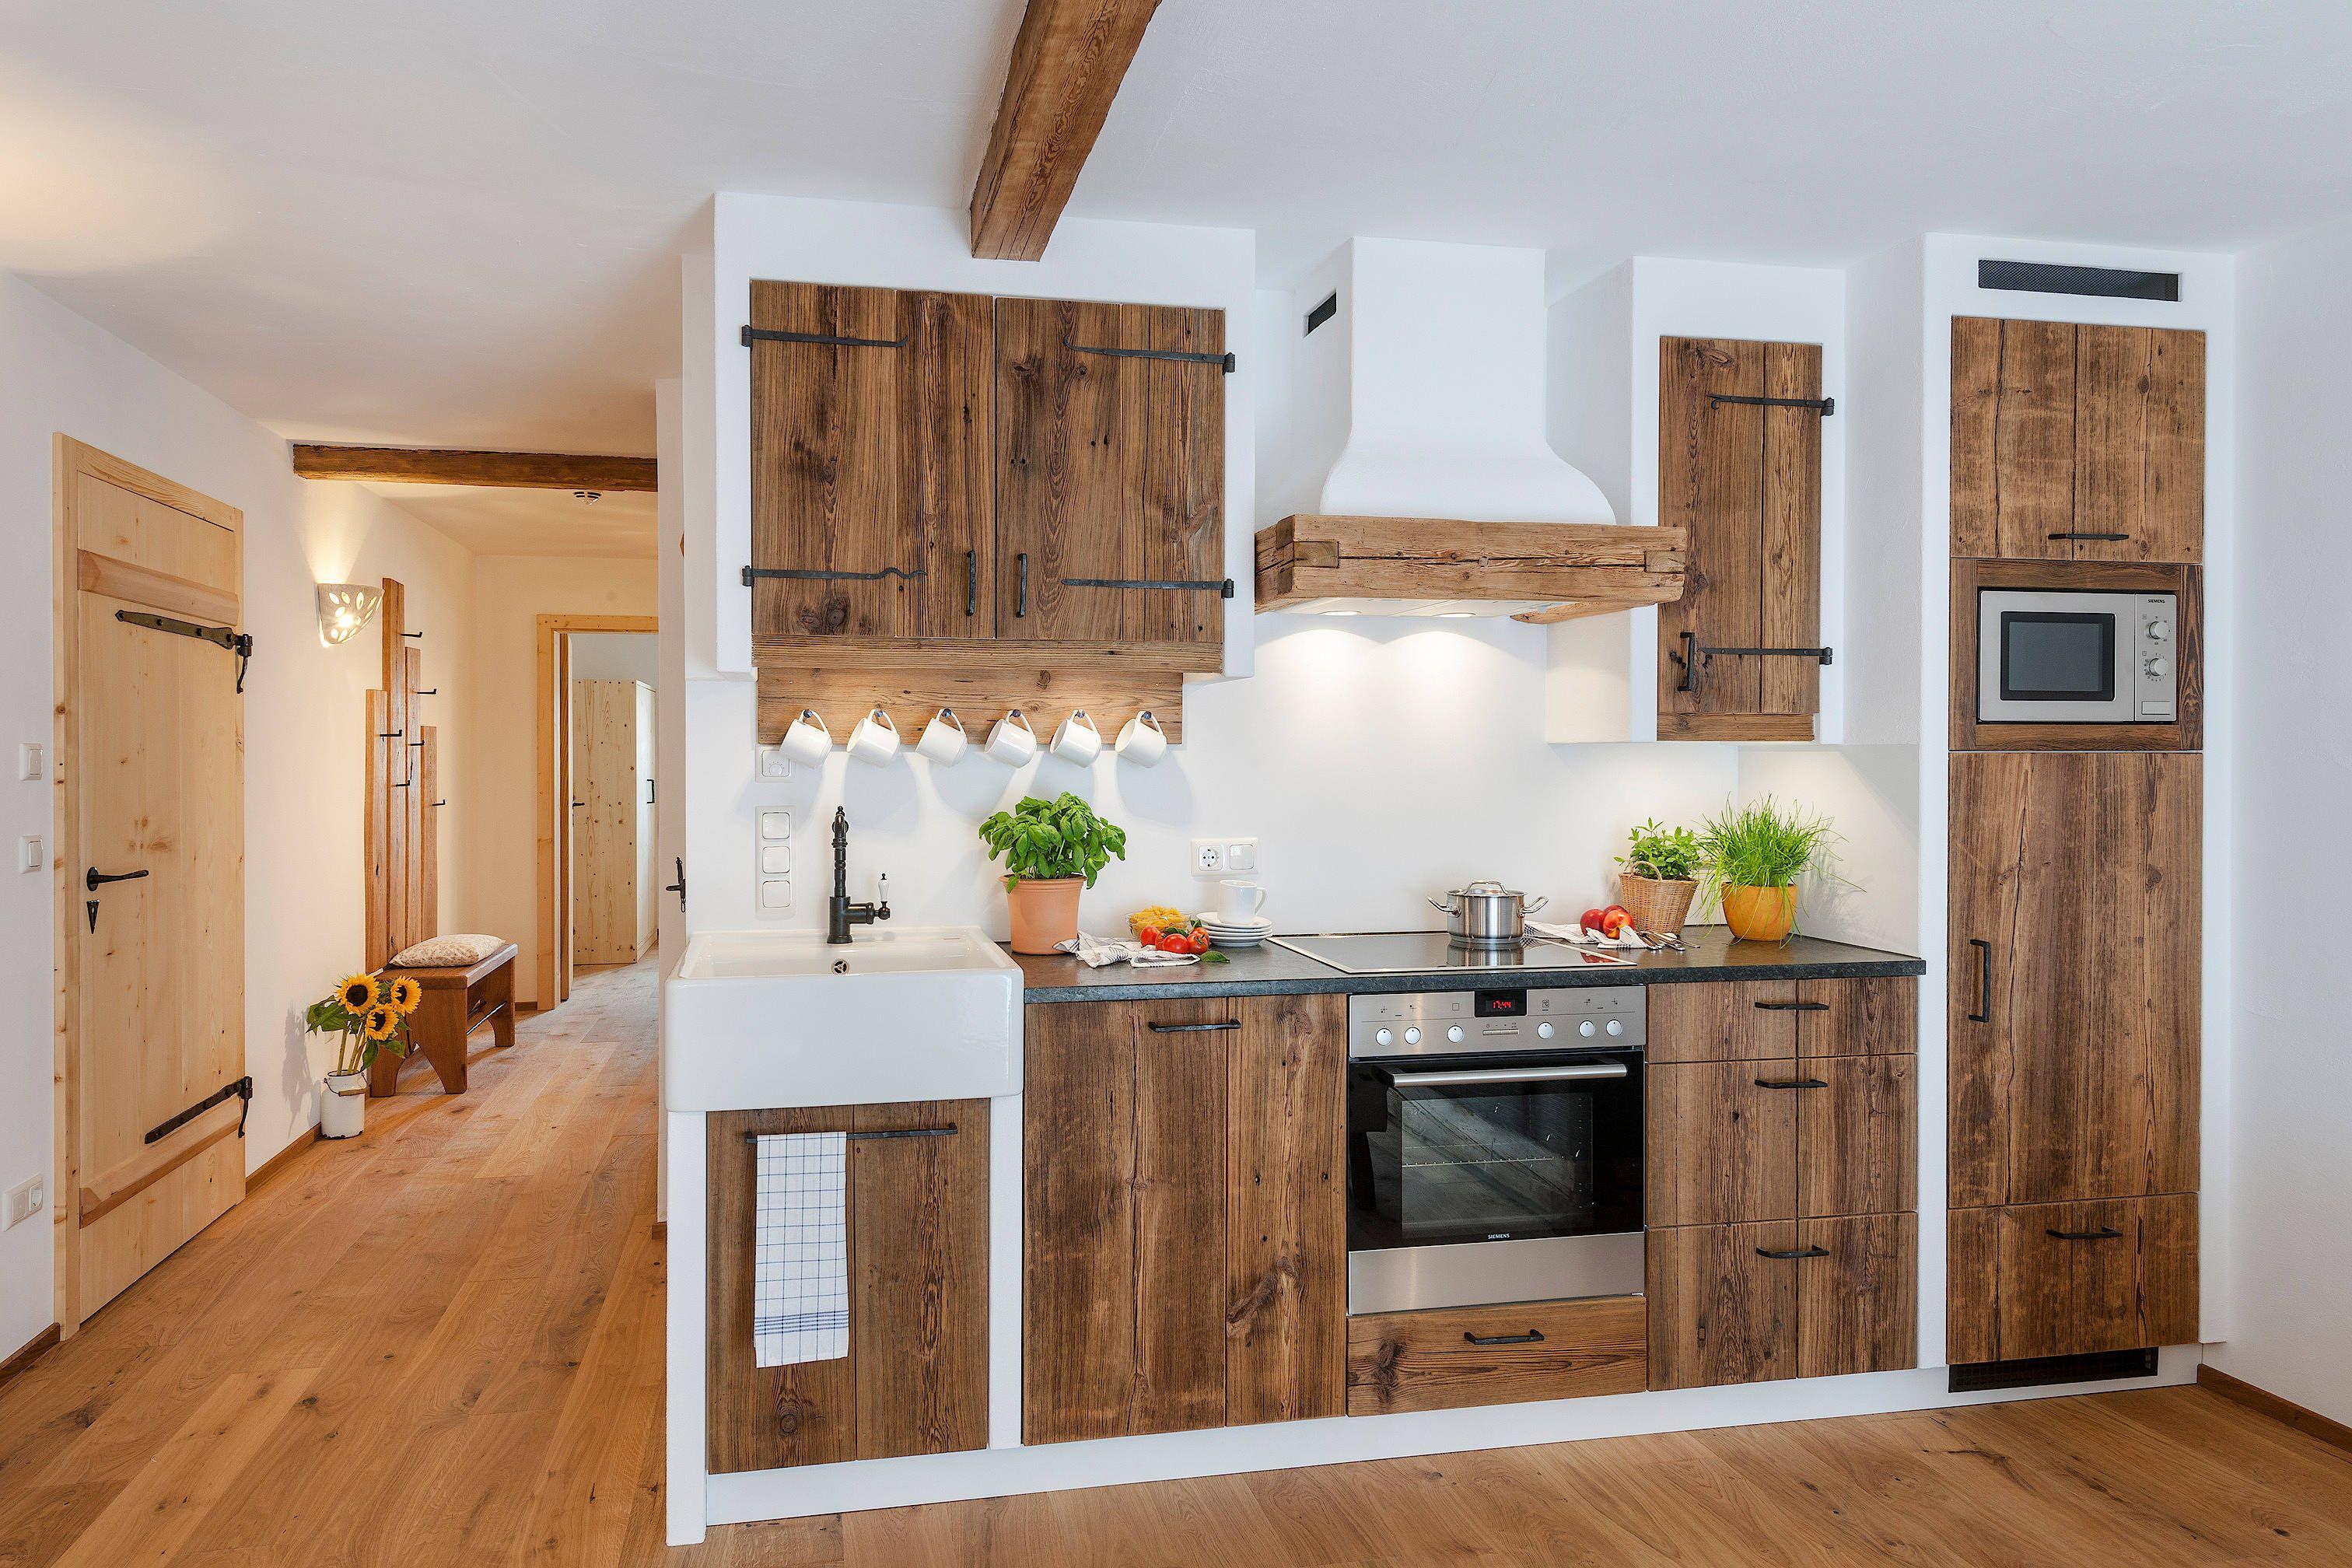 nussdorfer küchenhaus | ... Küchen im Landhausstil. Altholzküche vom ...